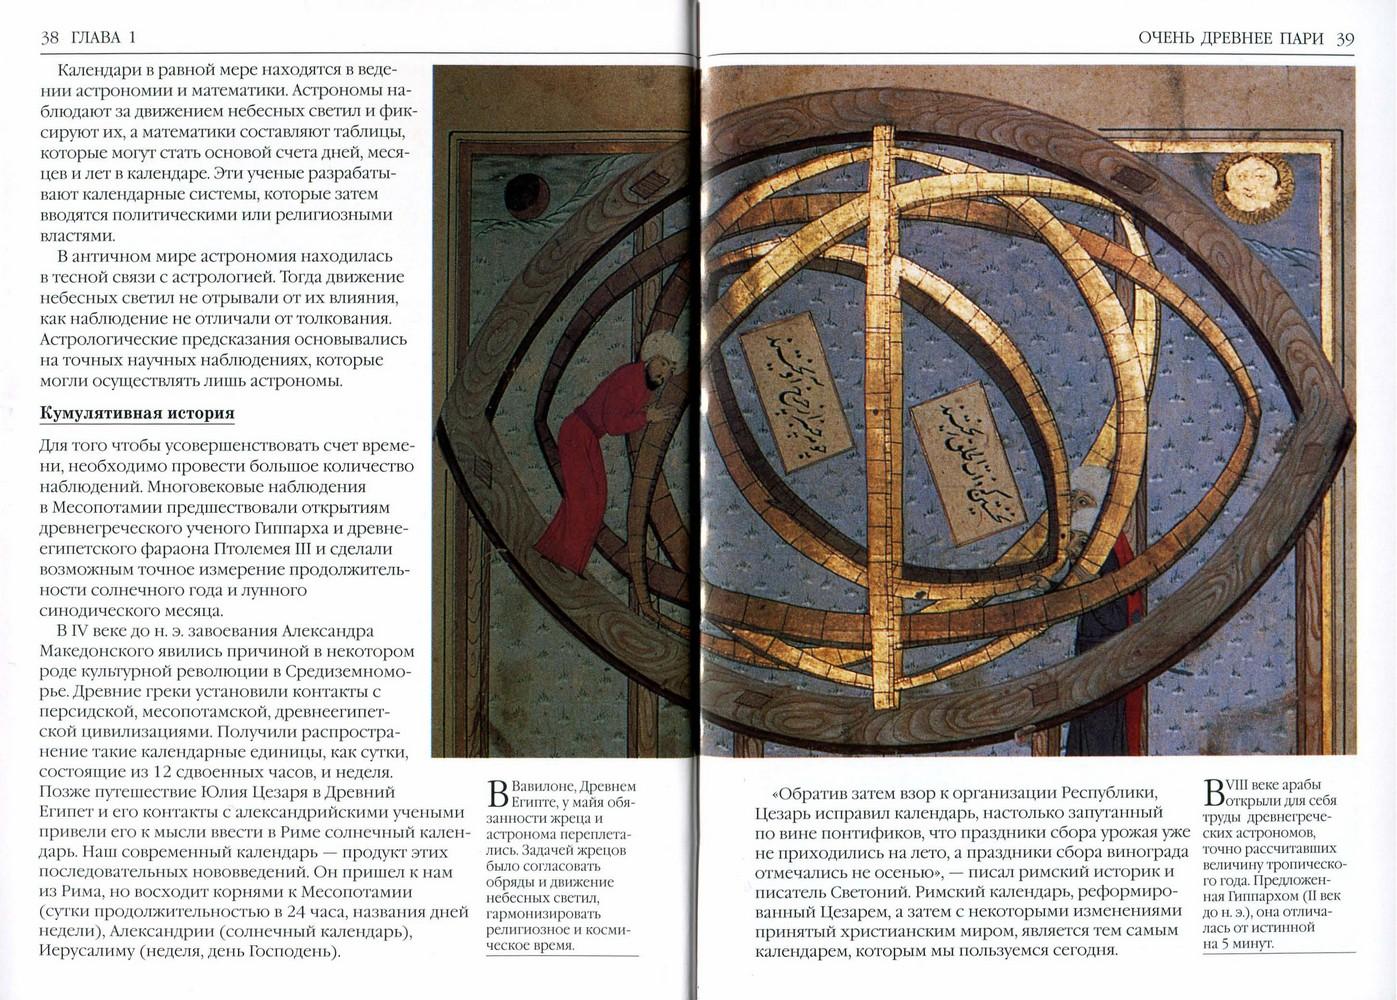 http://images.vfl.ru/ii/1363956508/936a48c2/1992153.jpg